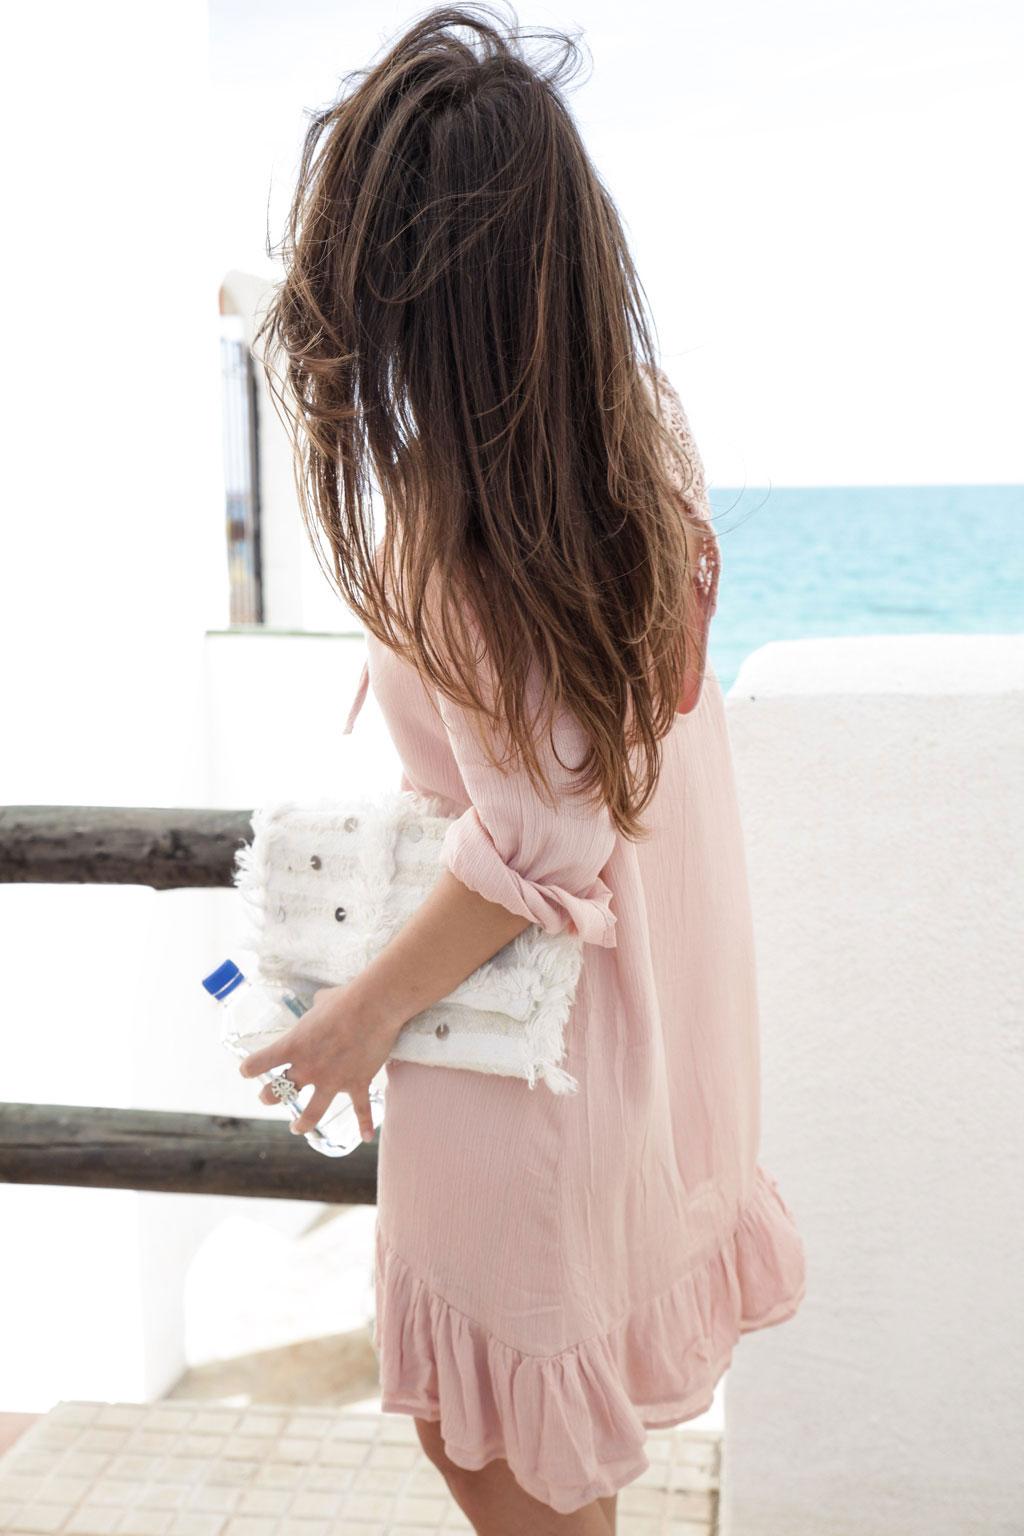 07_vestido_rosa_palo_theguestgirl